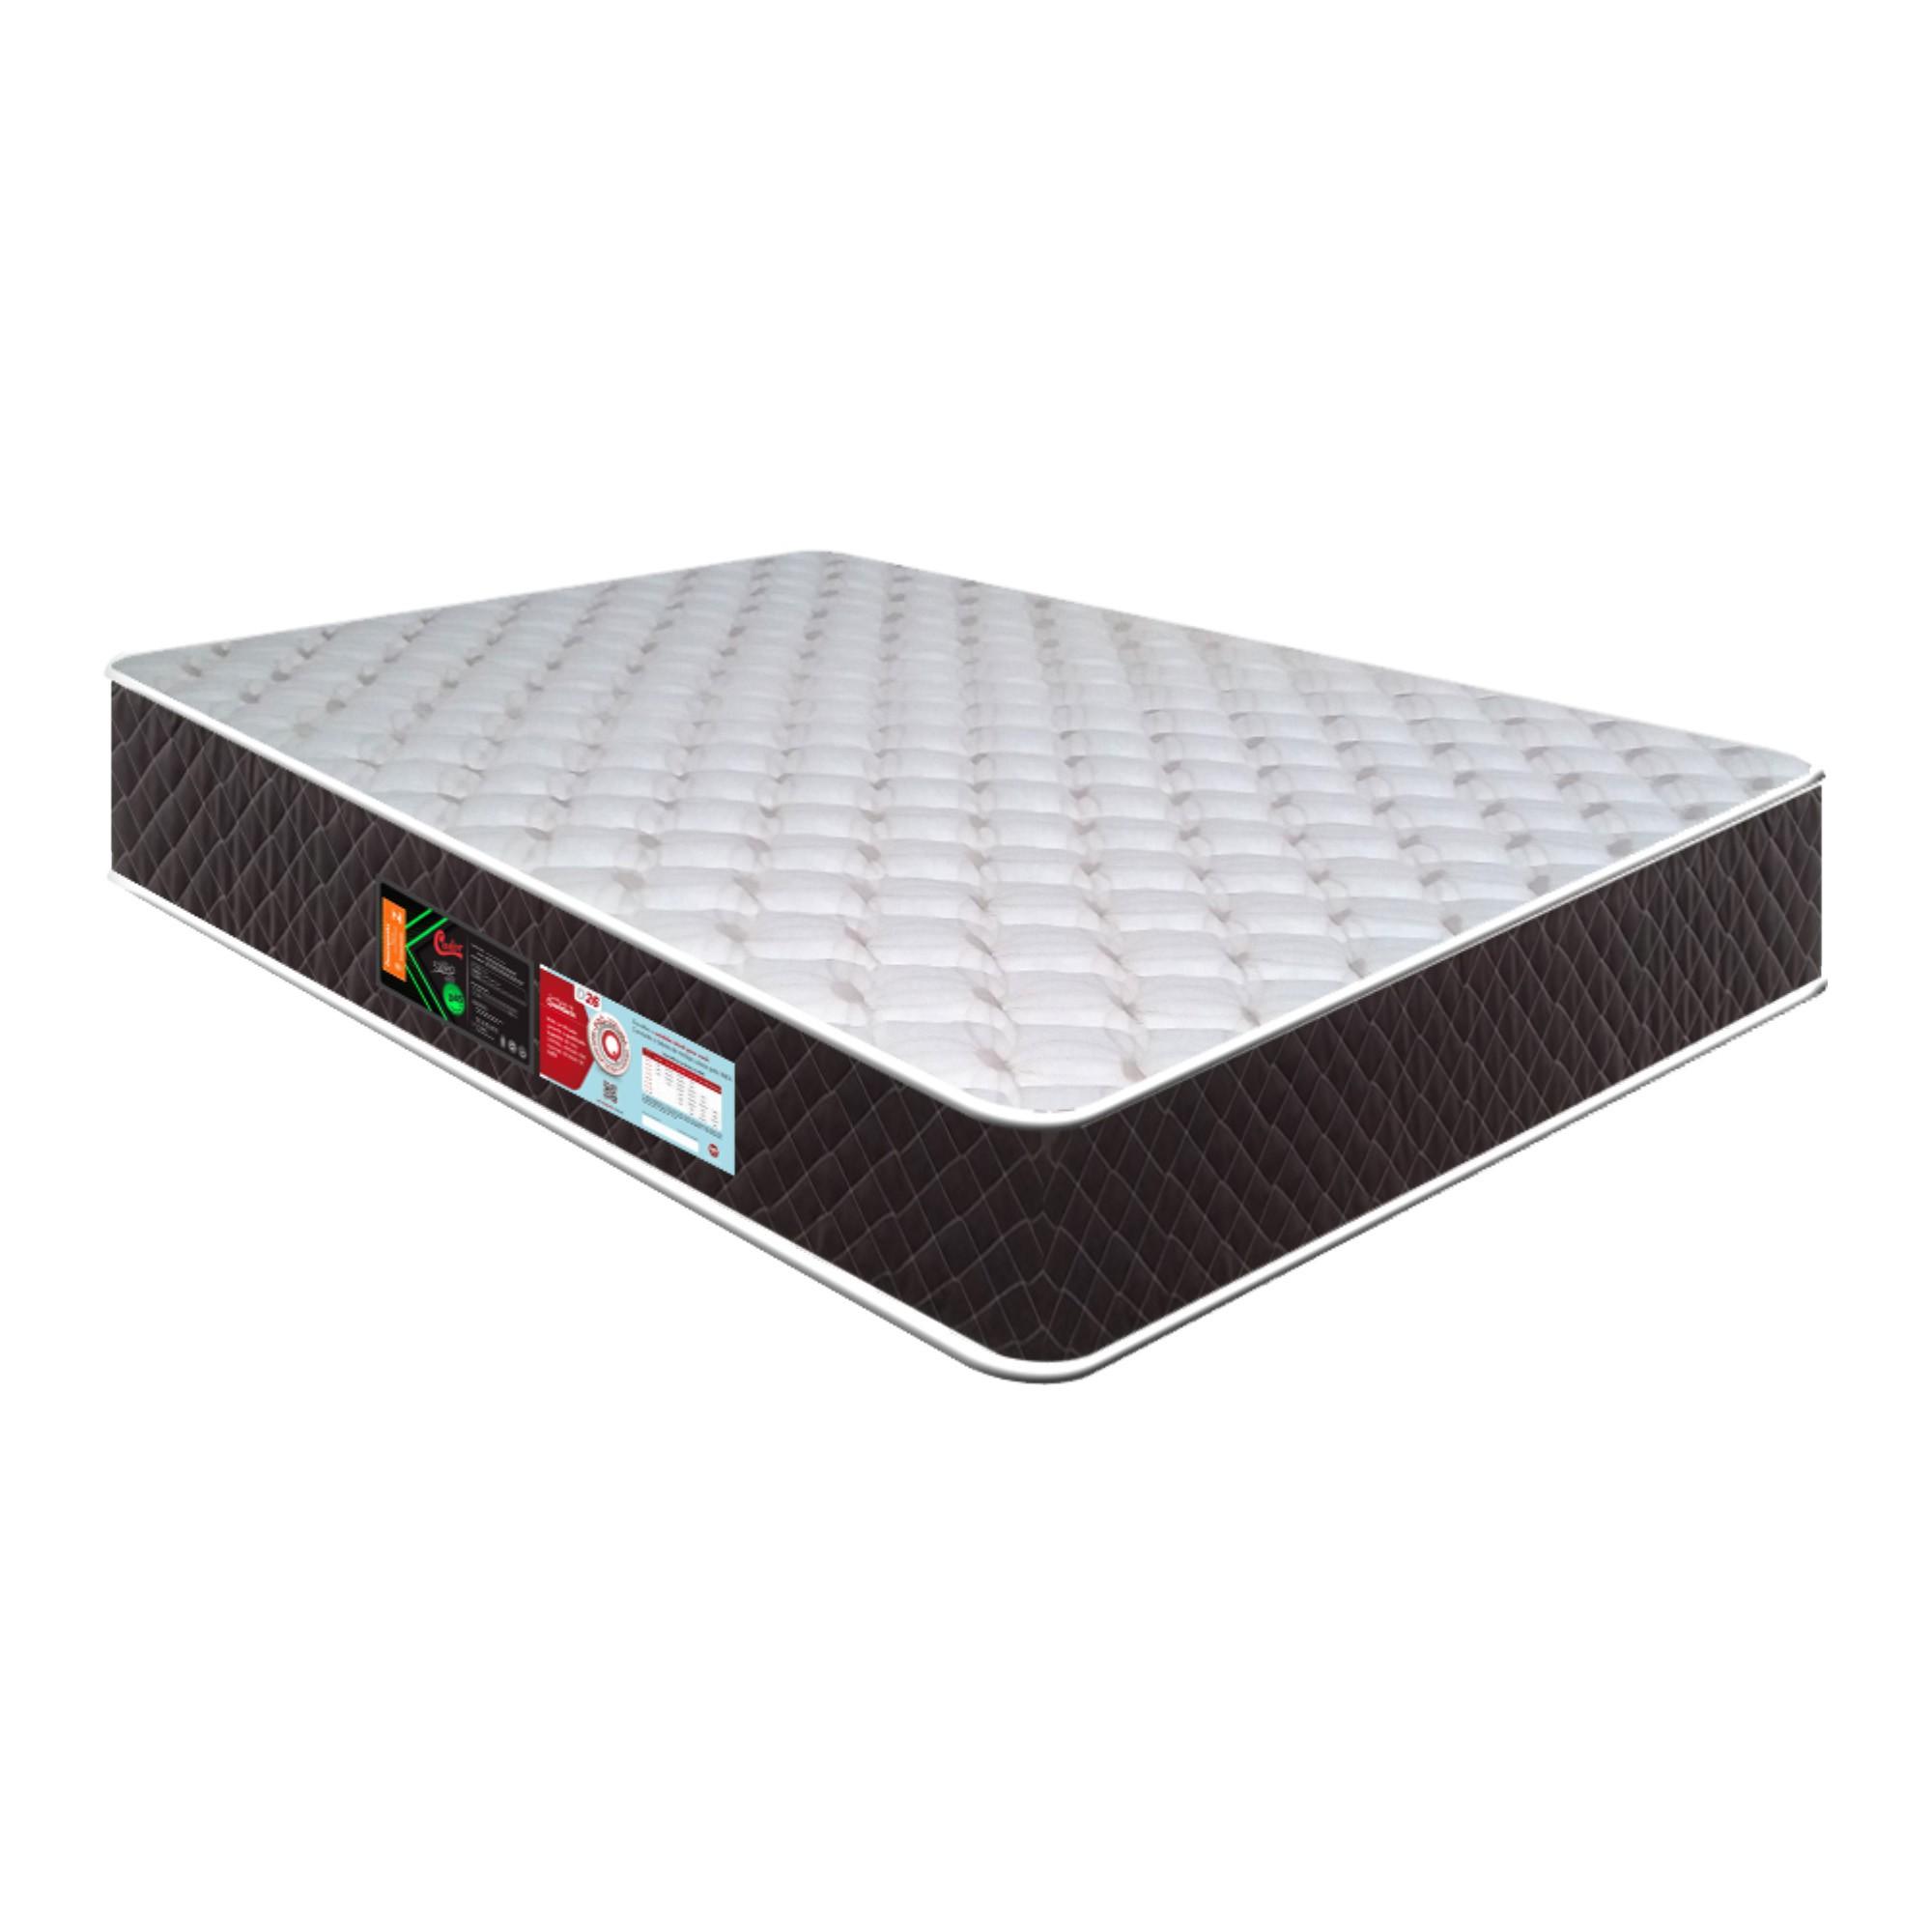 Colchão Castor Sleep Max D28 25 cm [Solteiro 078 x 188 cm]